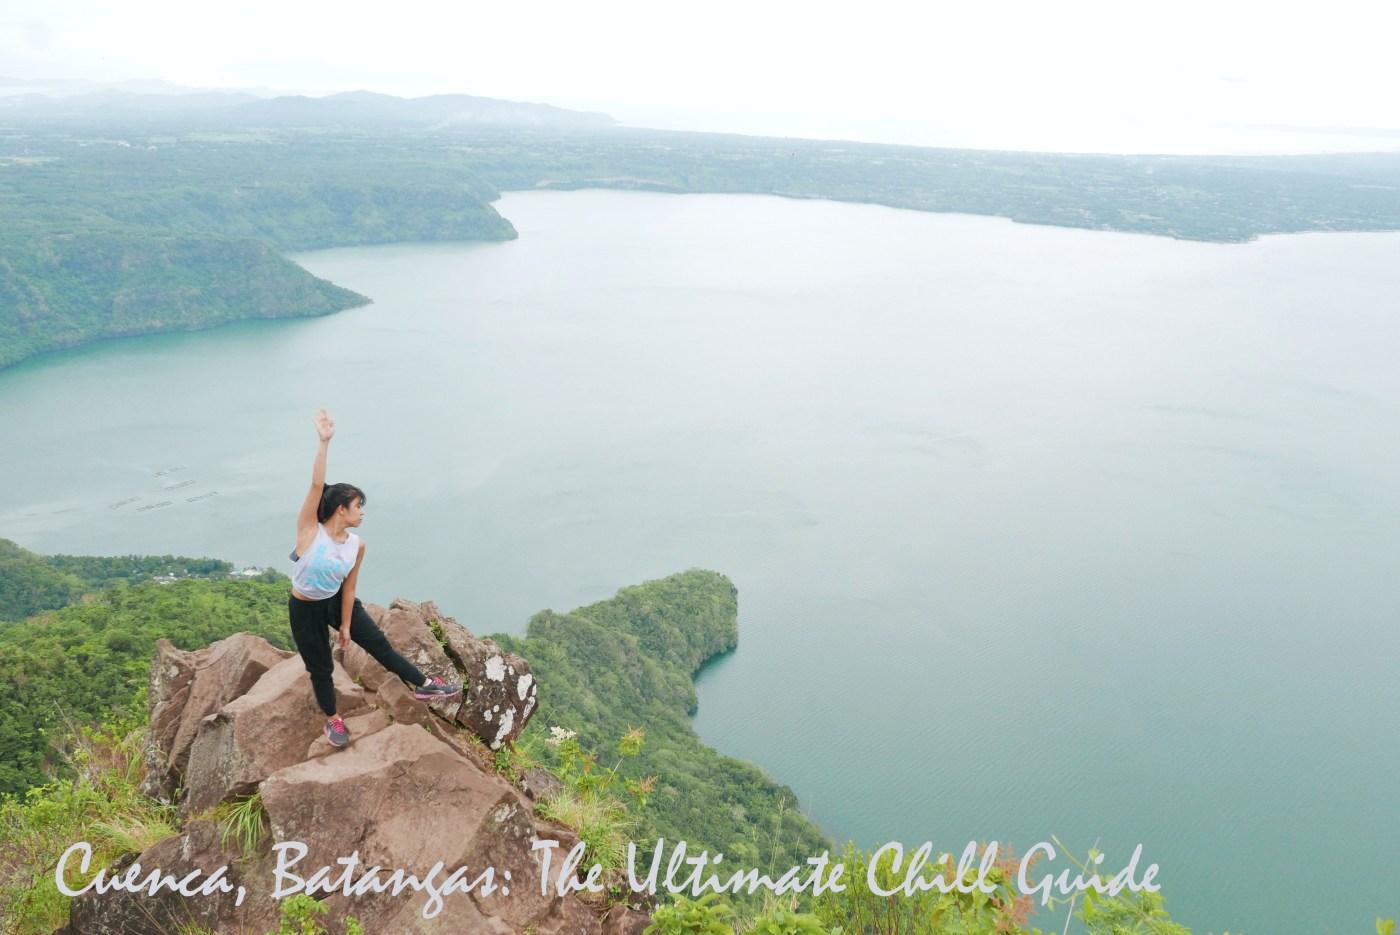 Rebela Diaries: Cuenca, Batangas